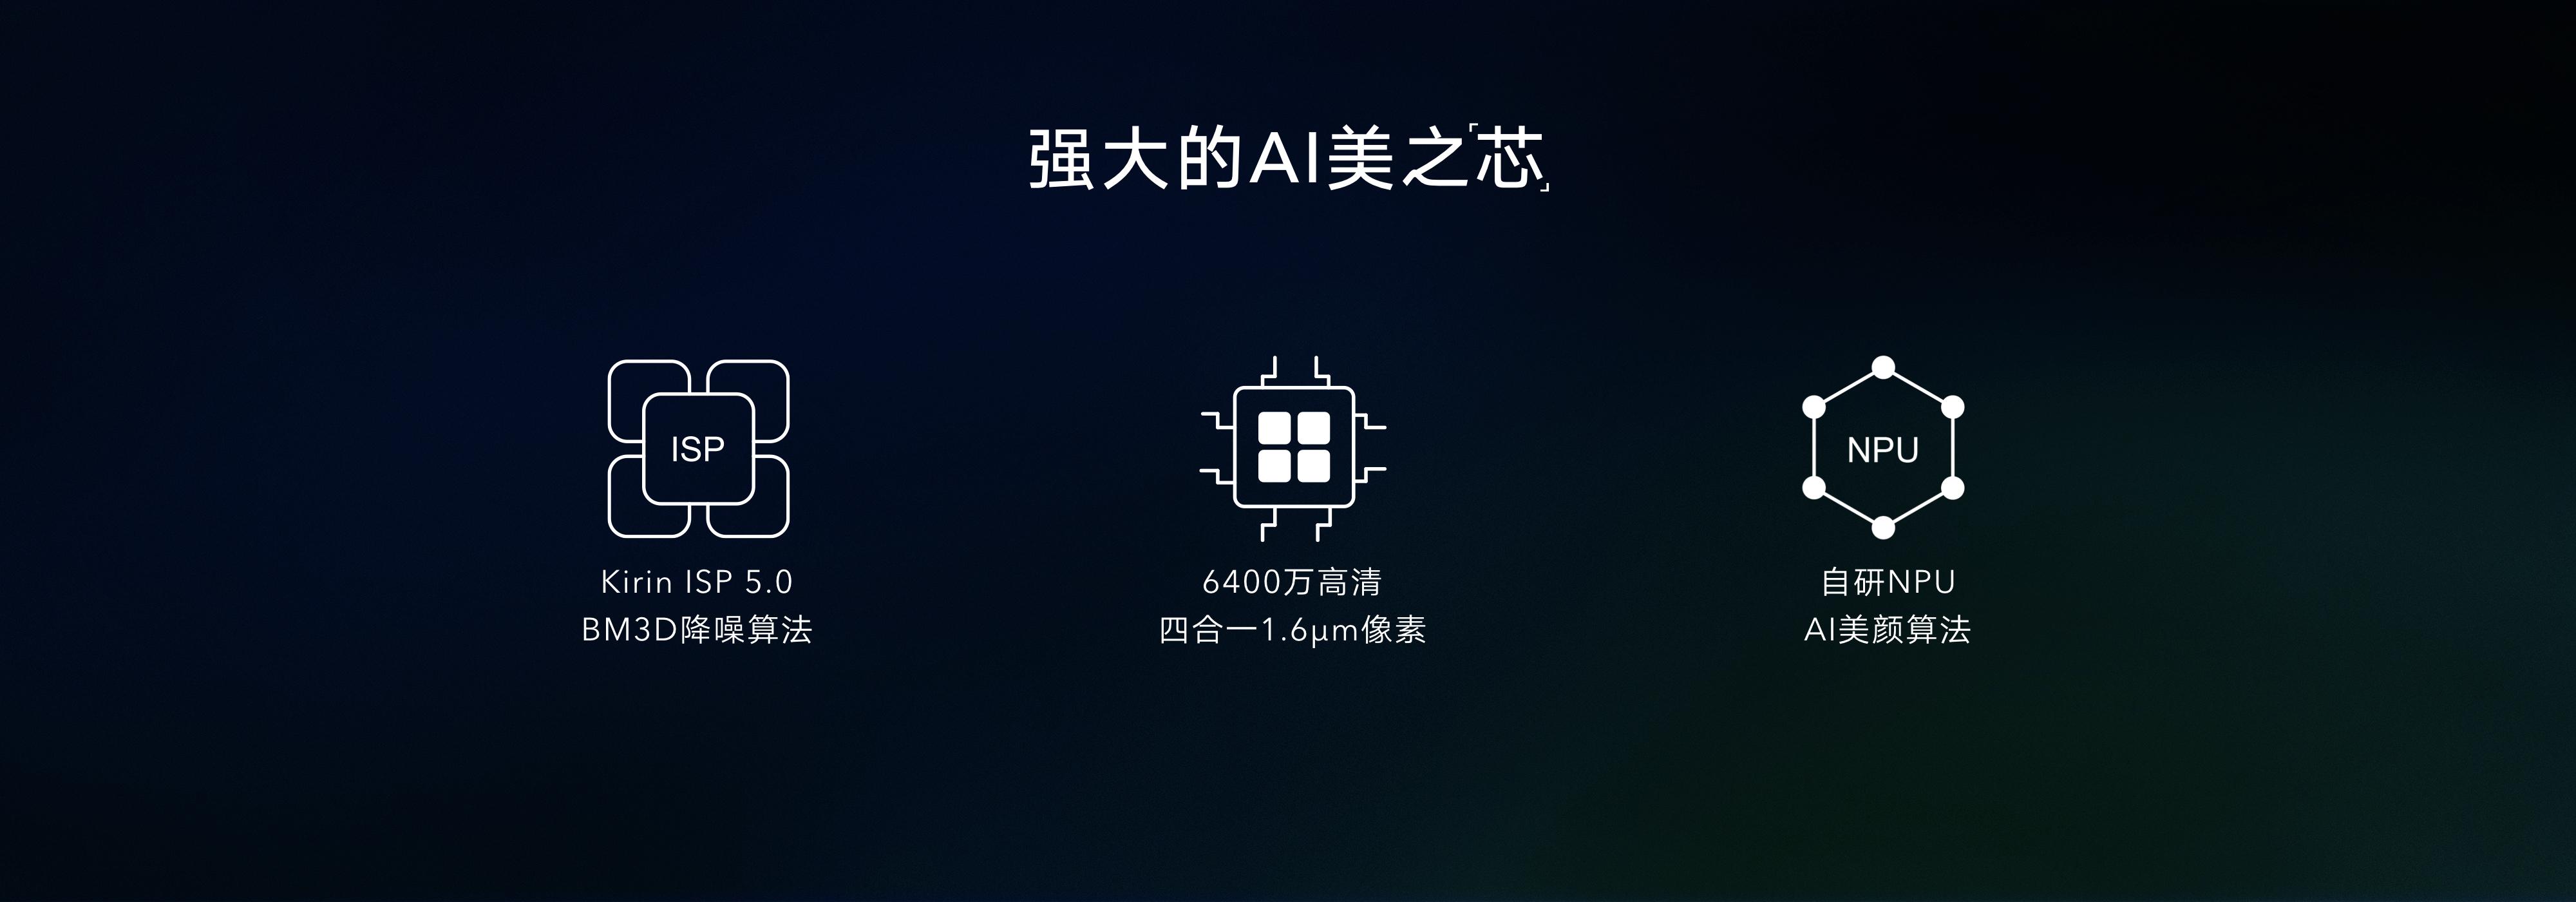 荣耀30S发布会胶片.031.jpeg